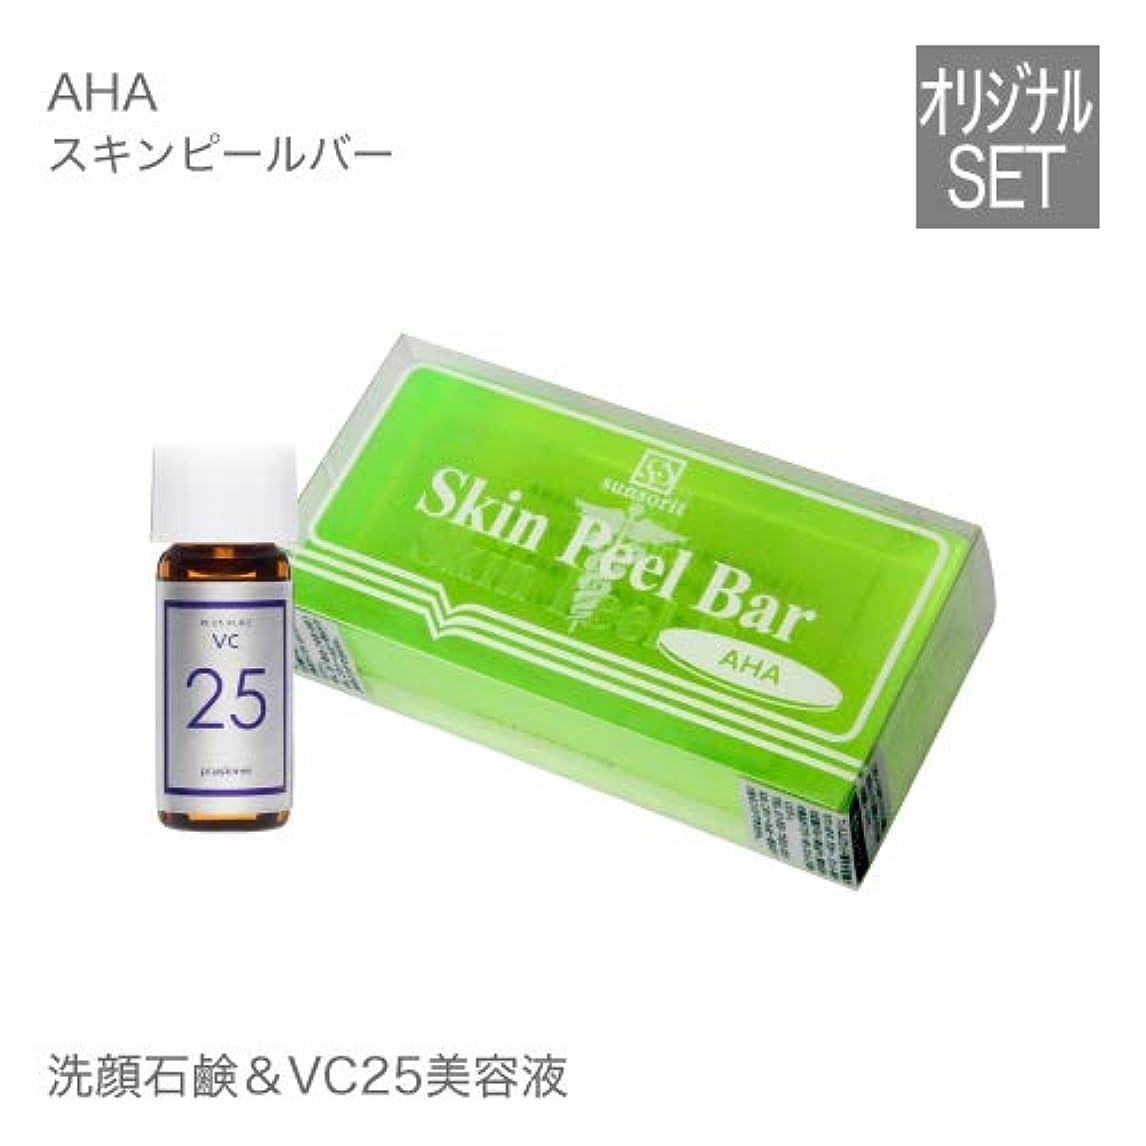 送ったひそかにで出来ているサンソリット スキンピールバー AHA + ピュア ビタミンC 美容液 プラスキレイ プラスピュアVC25 ミニ